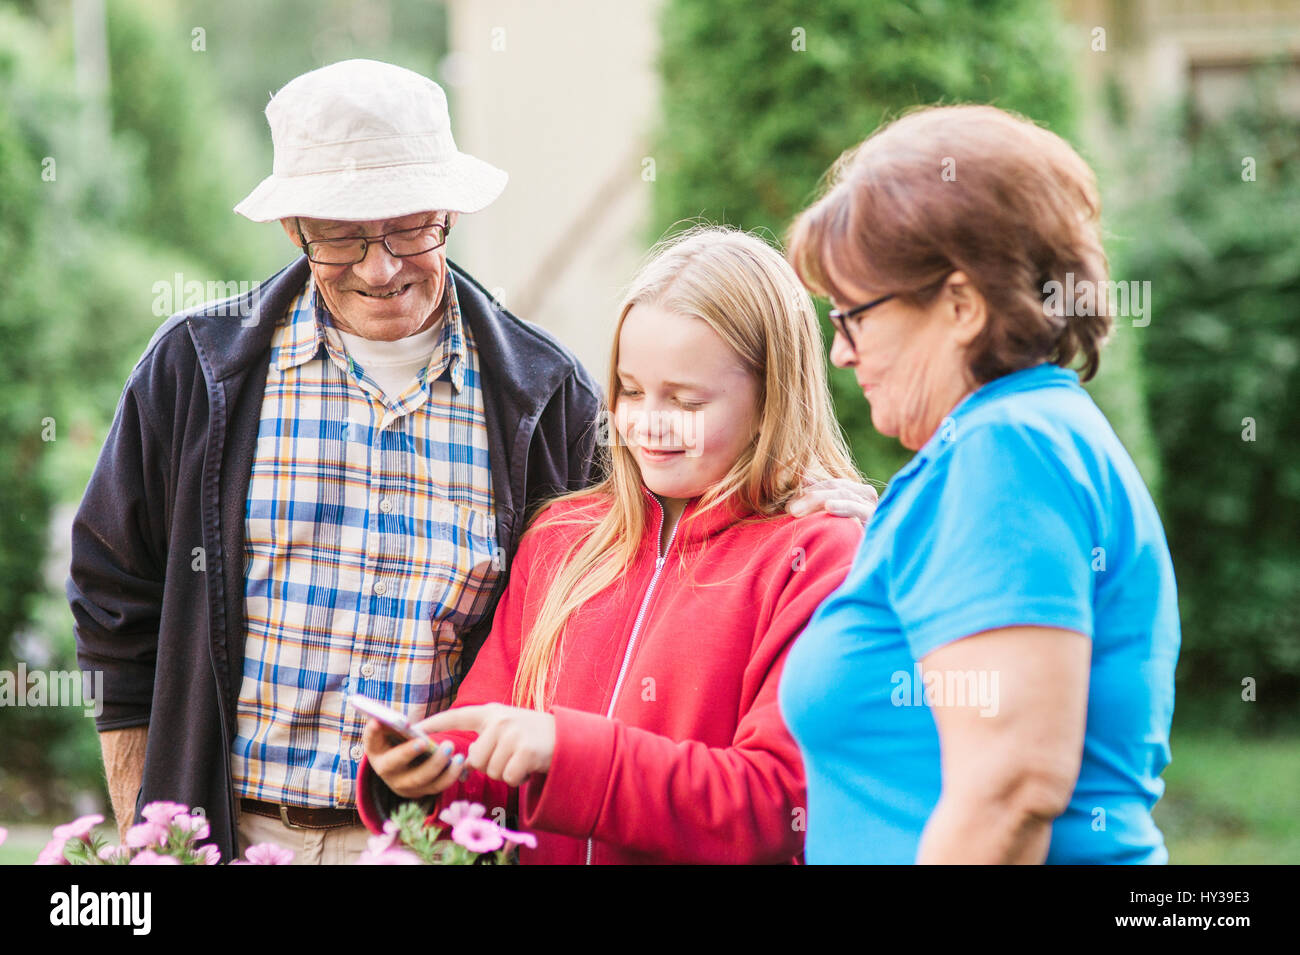 Sweden, Vastmanland, Hallefors, Bergslagen, Girl (12-13) with grandparents looking at phone display - Stock Image